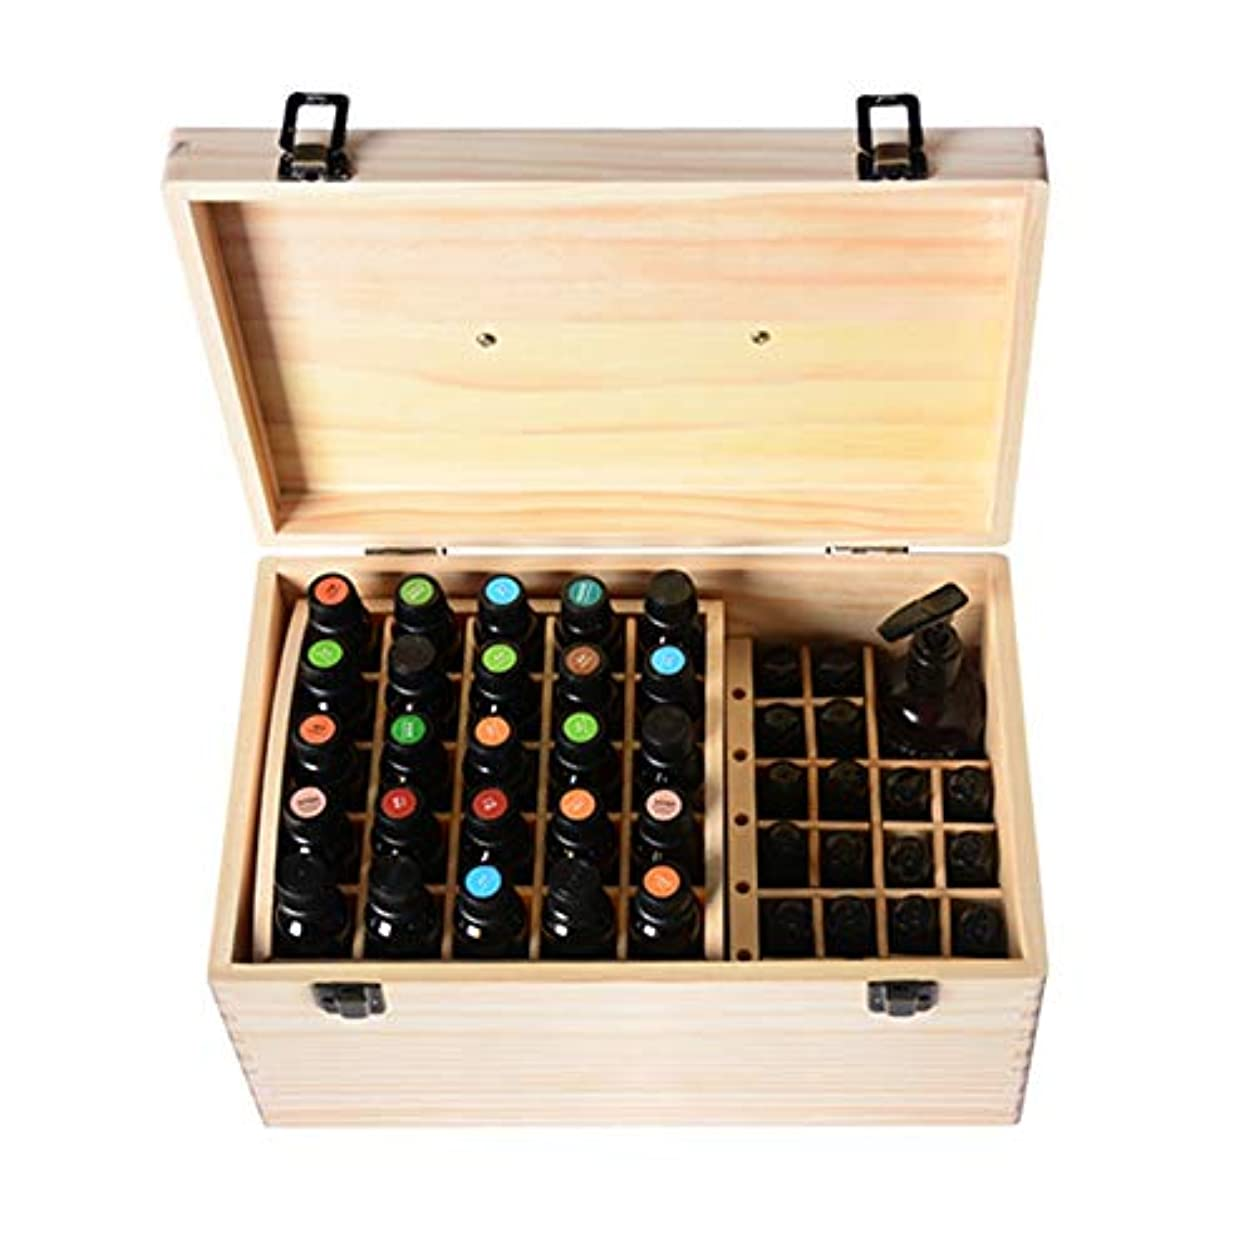 ばかげているジョージバーナード遡るエッセンシャルオイルボックス リムーバブル、15/10ミリリットルボトルの天然パインウッドスロット74オイルタンク収納ボックス アロマセラピー収納ボックス (色 : Natural, サイズ : 35X20X16.5CM)